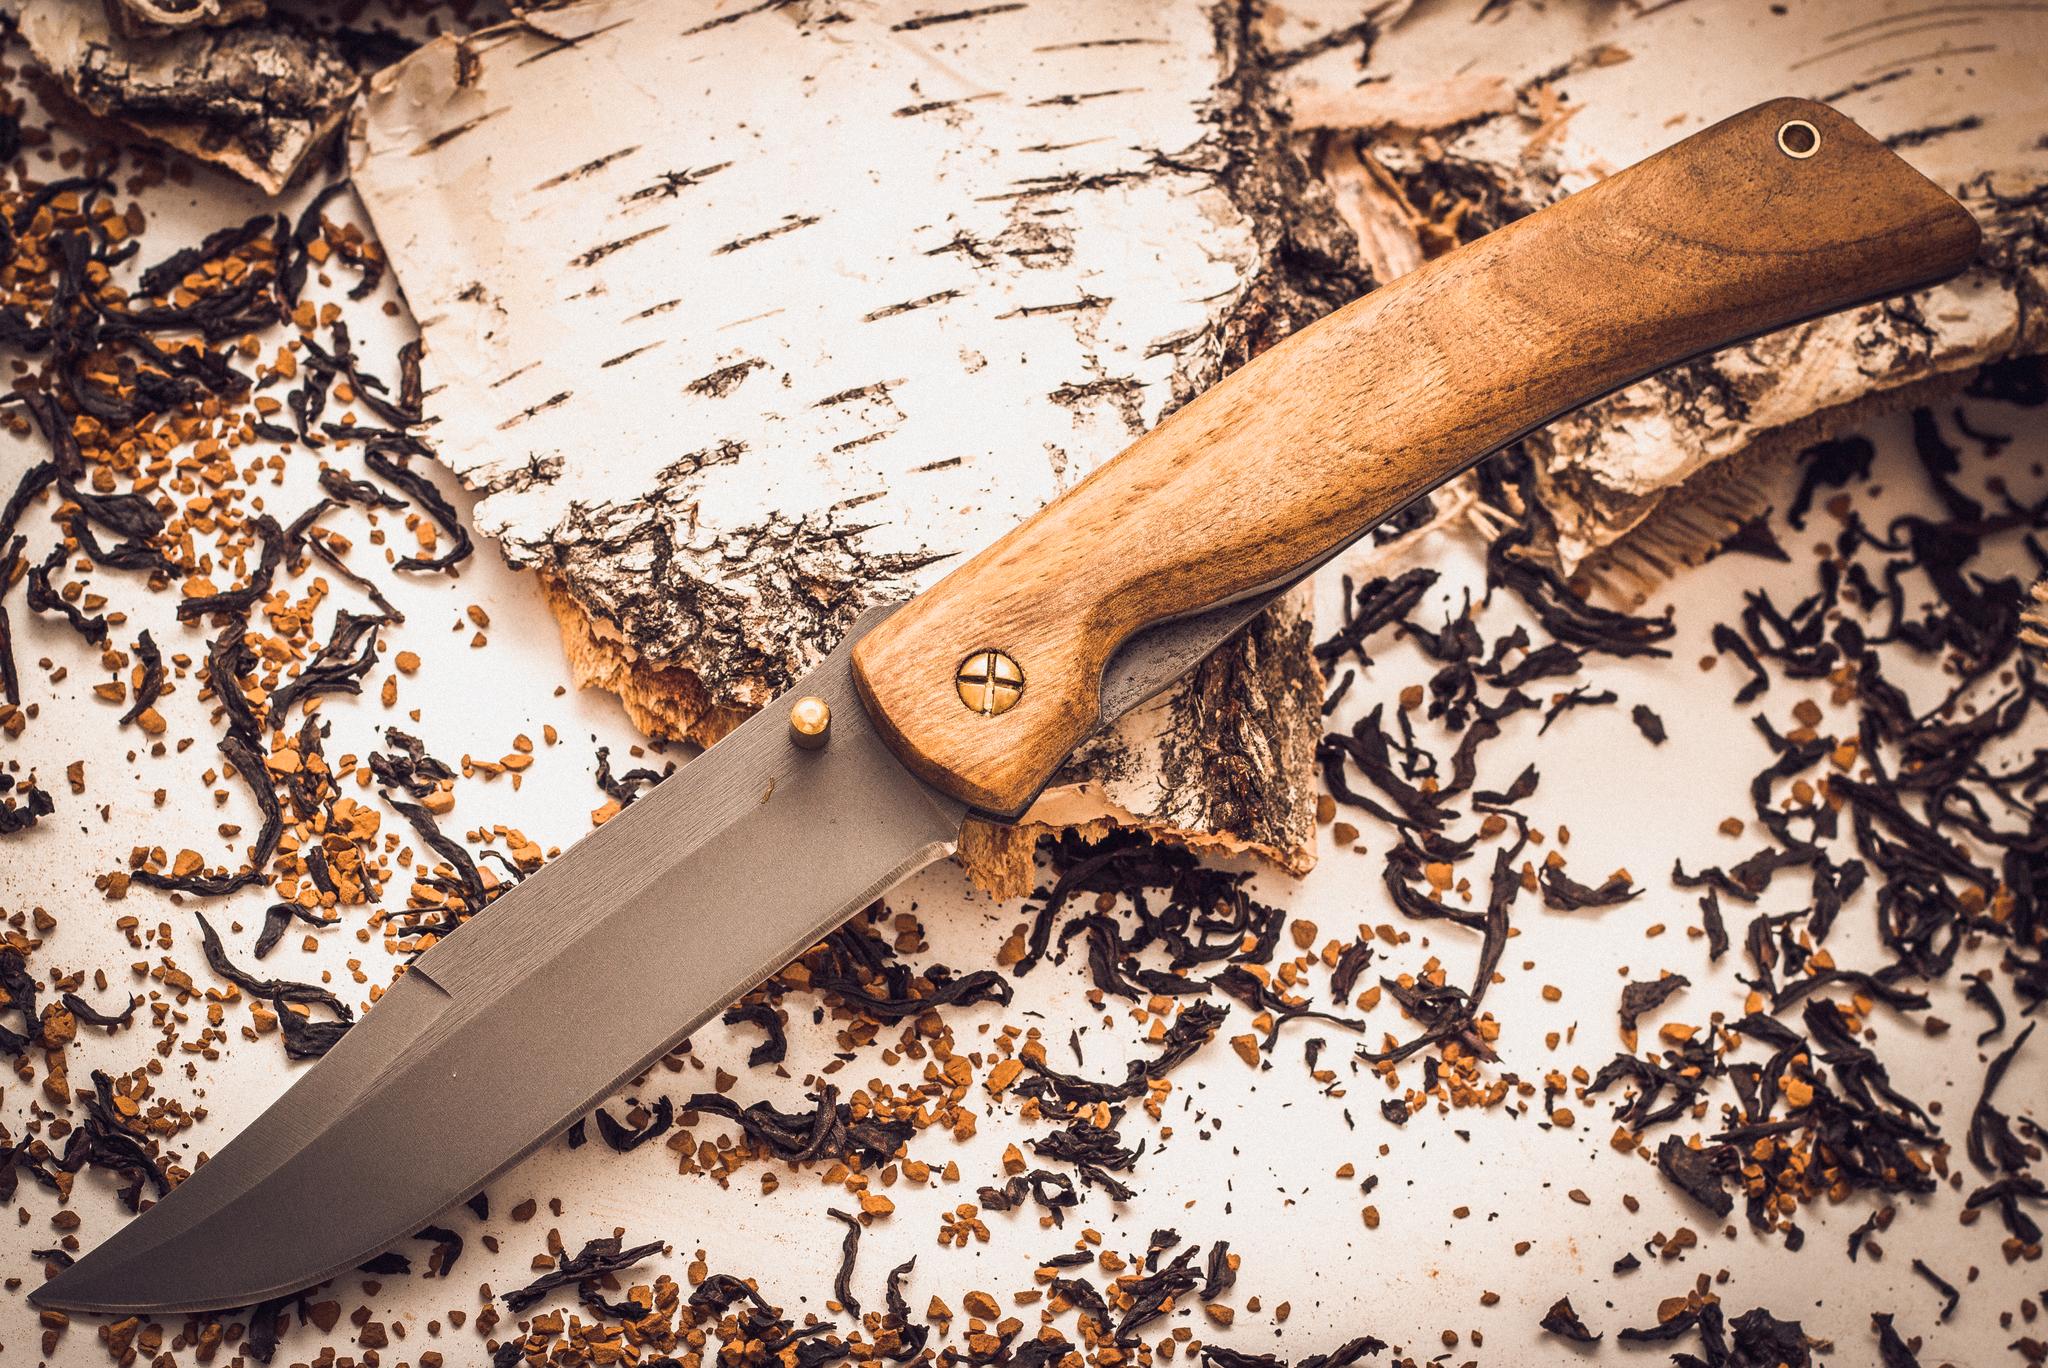 Складной нож Храбрец, сталь 95х18, орехВ наше нелегкое время полезно иметь при себе многофункционального помощника, который можно и нужно использовать в различных житейских ситуациях. Нож «Храбрец» относится именно к этой категории. Такому ножу найдется применение в ежедневной городской суете, на офисной вечеринке, на выездном пикнике или туристическом походе. Создатели оснастили эту модель клинком из кованой стали 95Х18, которая имеет высокое сопротивление к коррозии. Клинок ножа имеет фальшлезвие, которое выполнено в форме «щучки». Точка соединения режущей кромки и скоса обуха образует острый кончик. В случае необходимости нож легко достается из чехла и открывается одной рукой. Такая функция позволяет использовать нож в тактических целях.